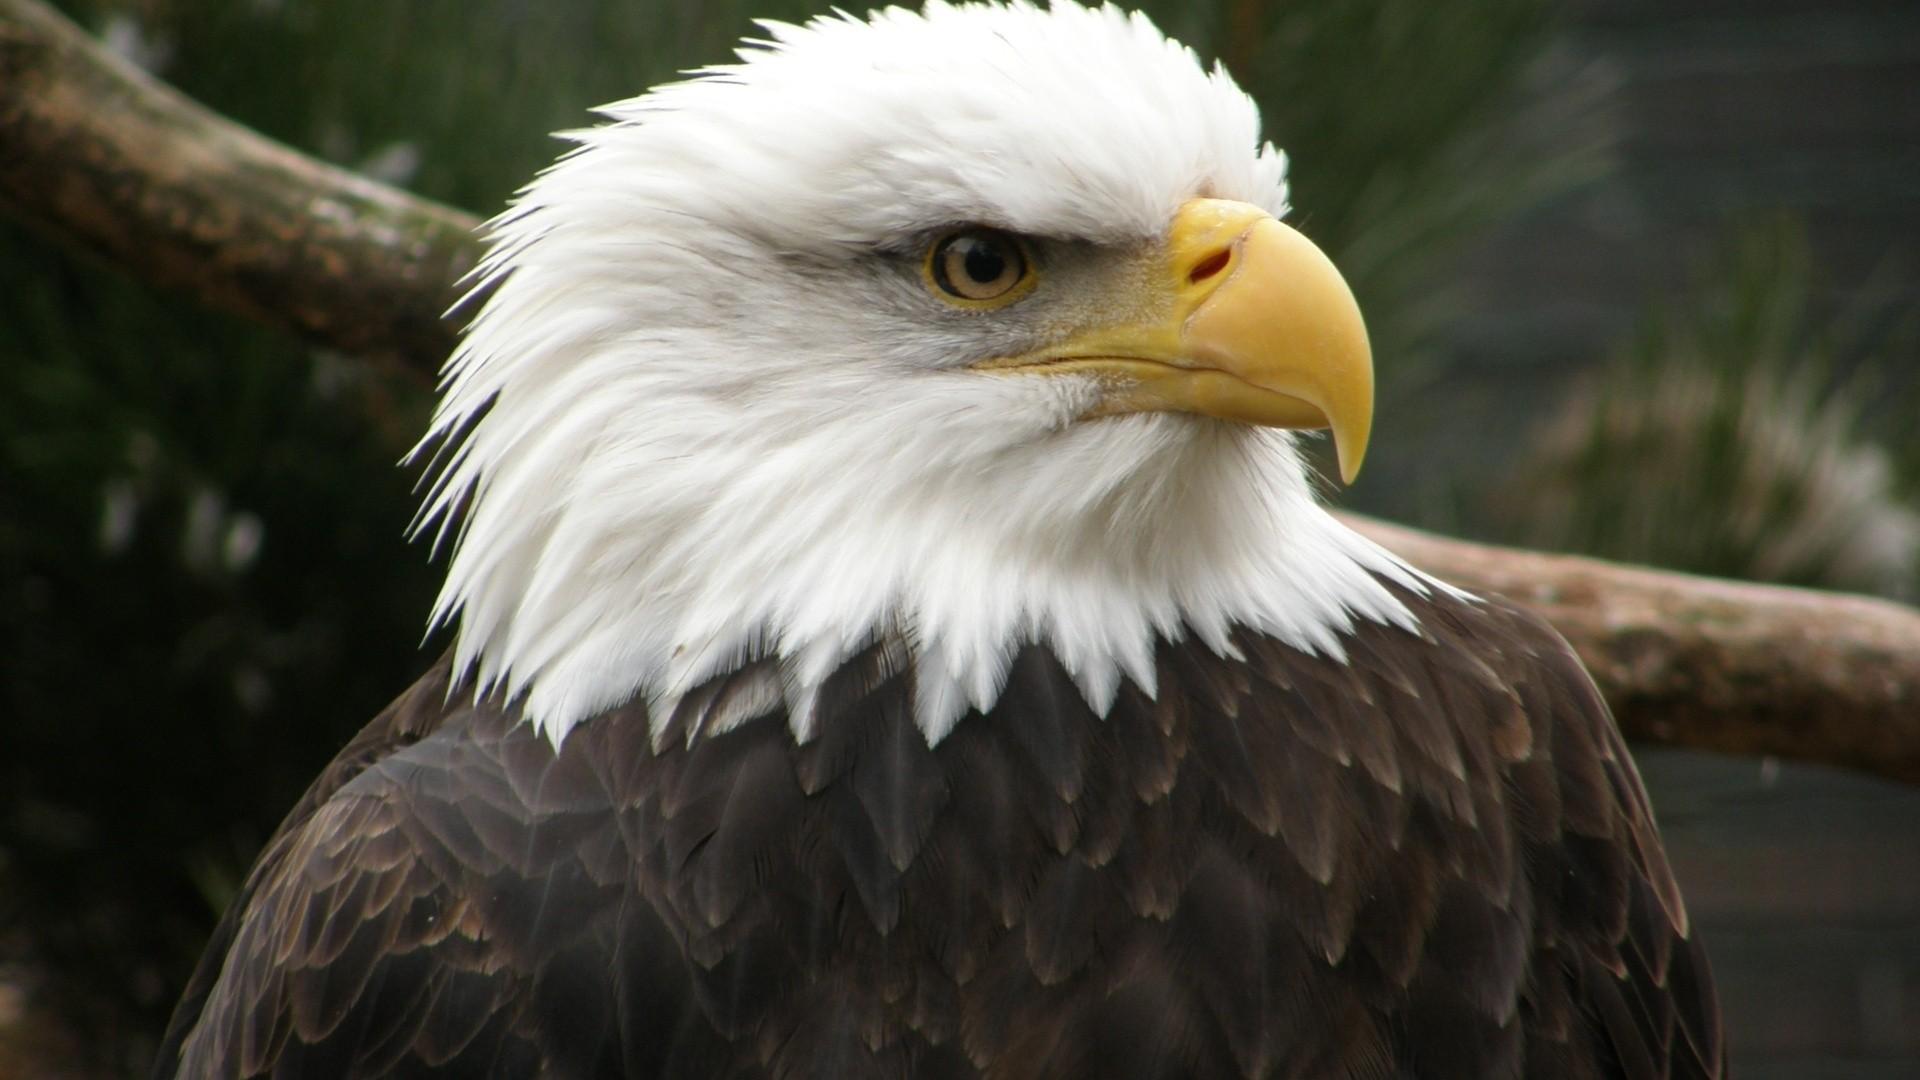 Eagle Wallpaper image hd